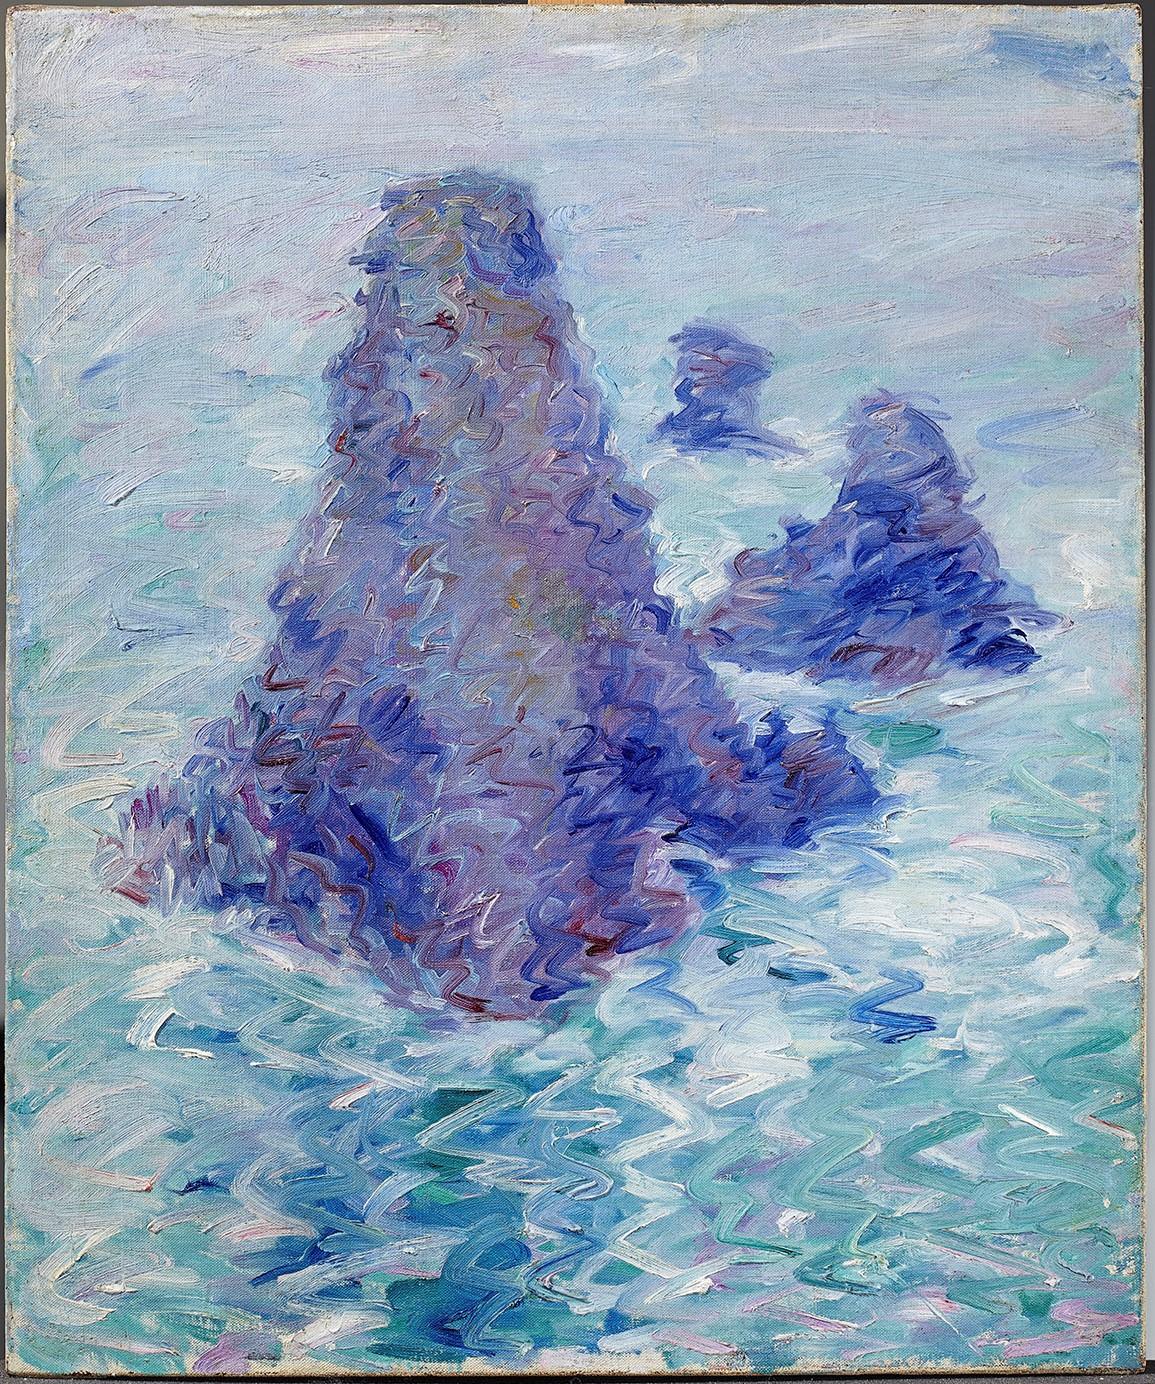 L'Impressionismo Australiano alla National Gallery. Paesaggi di estrema limpidezza